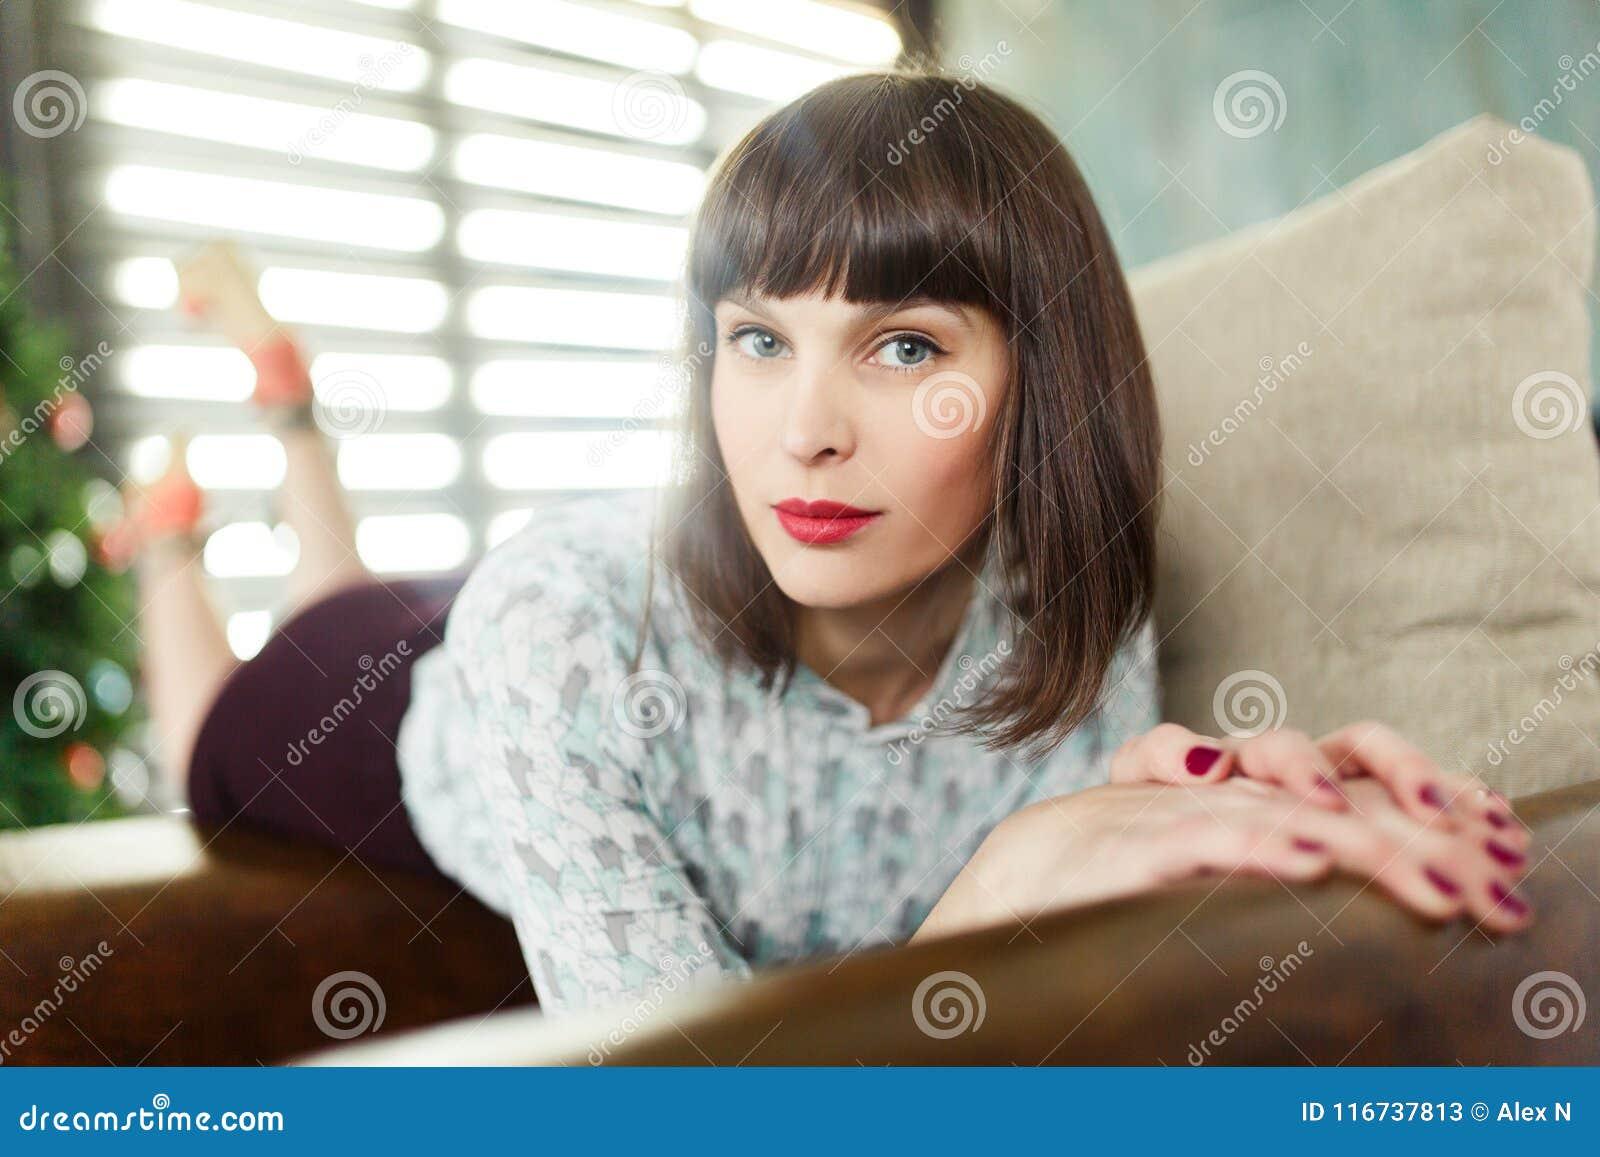 Foto da morena nova que senta-se na cadeira perto da janela com cortinas